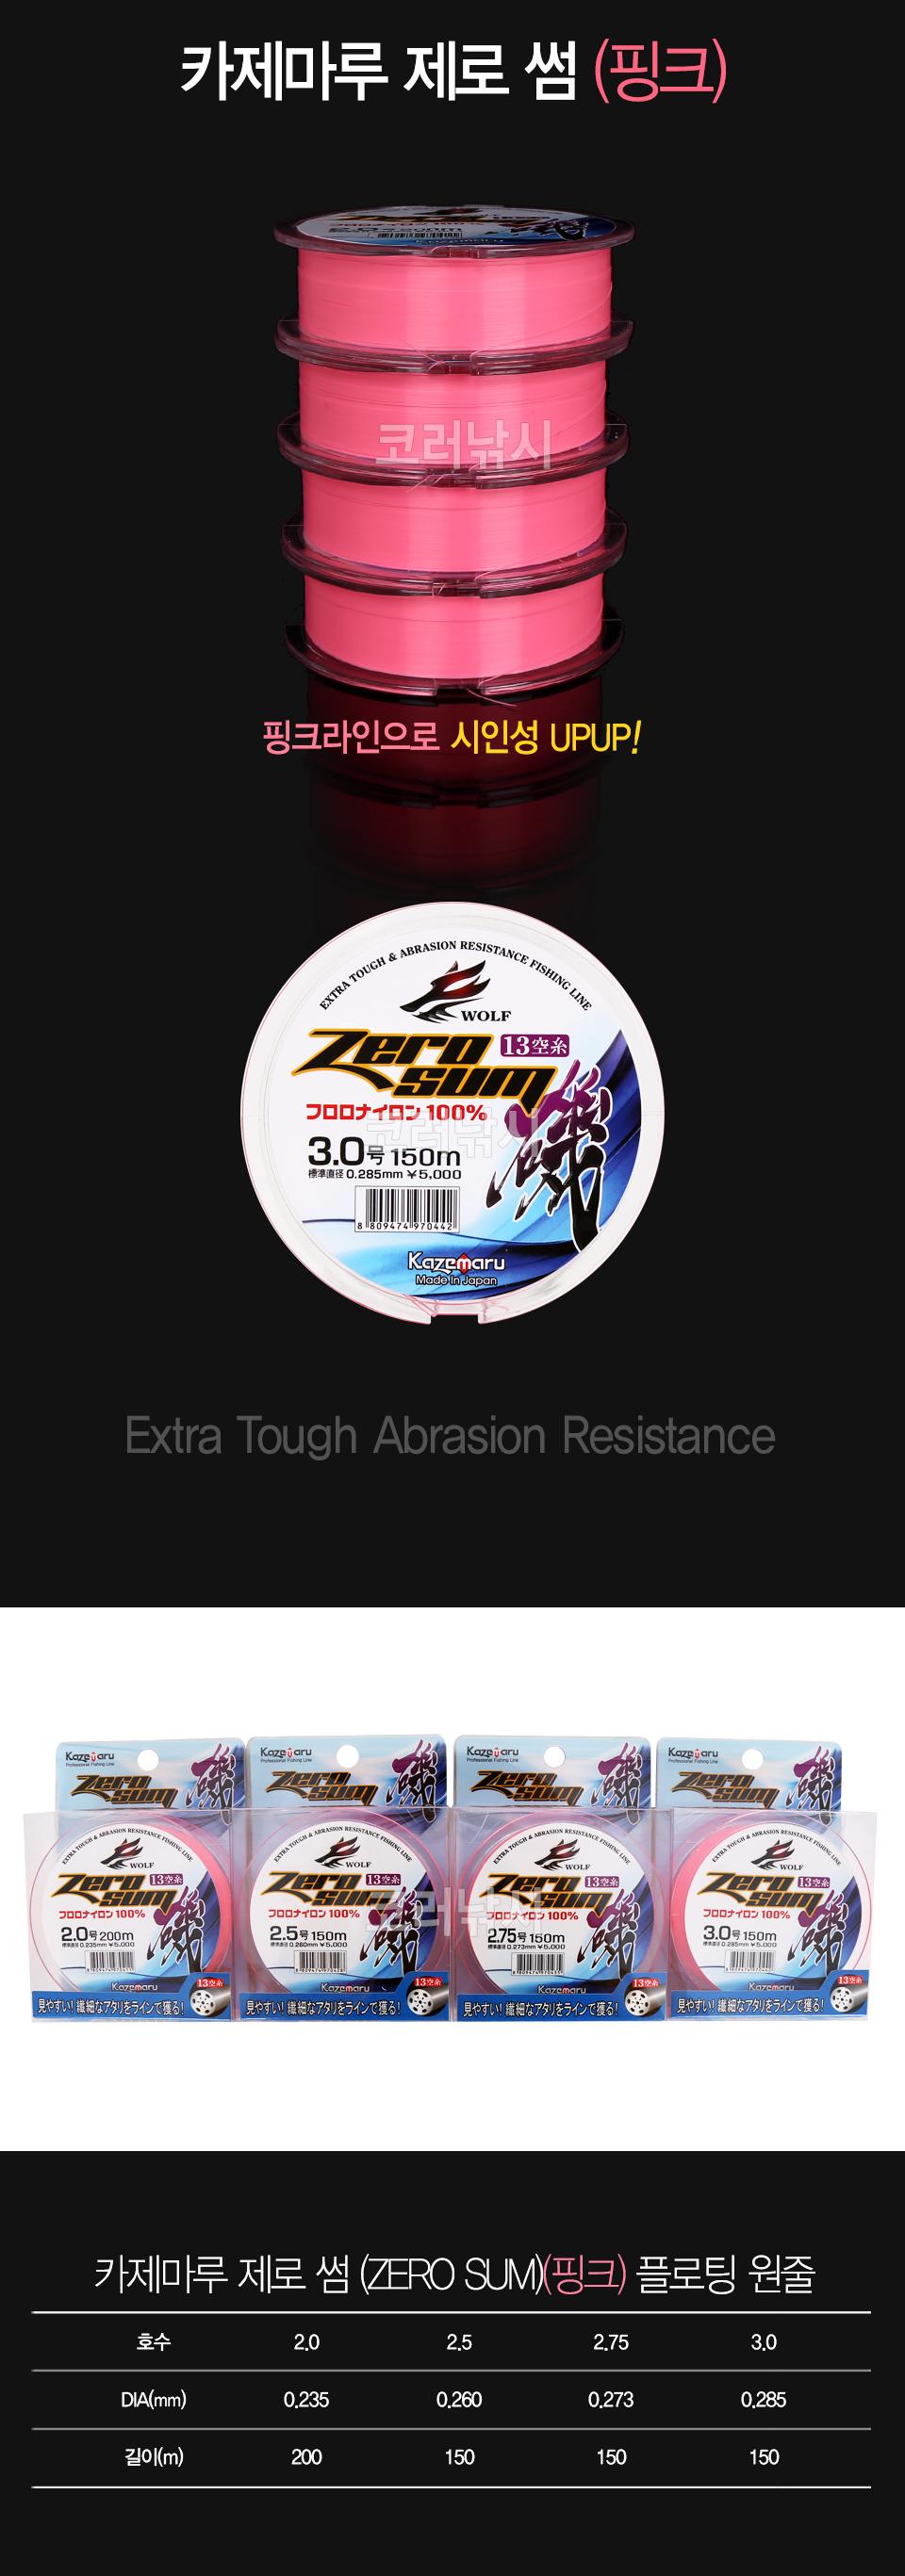 카제마루 제로 썸 (ZERO SUM)(핑크) 플로팅 원줄 카제마루 제로 썸 (ZERO SUM)(핑크) 플로팅 원줄 바다원줄 플로팅줄 플로팅라인 제로섬 제로썸